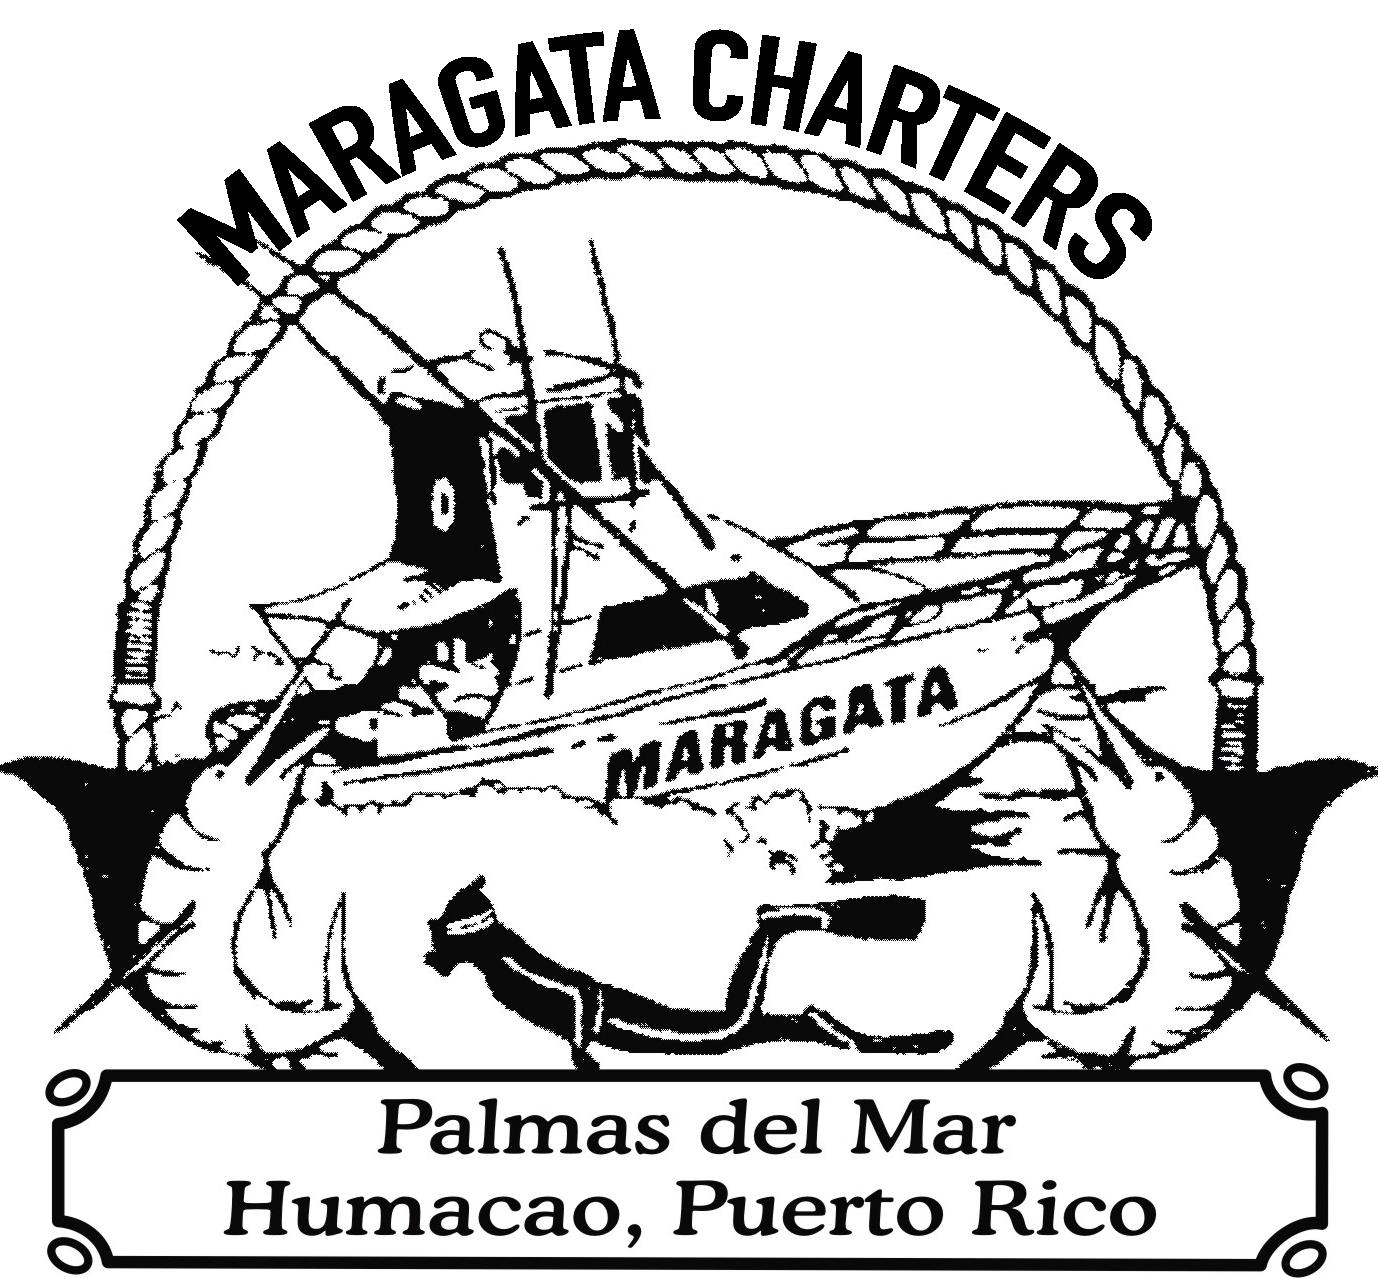 MARAGATA CHARTERS